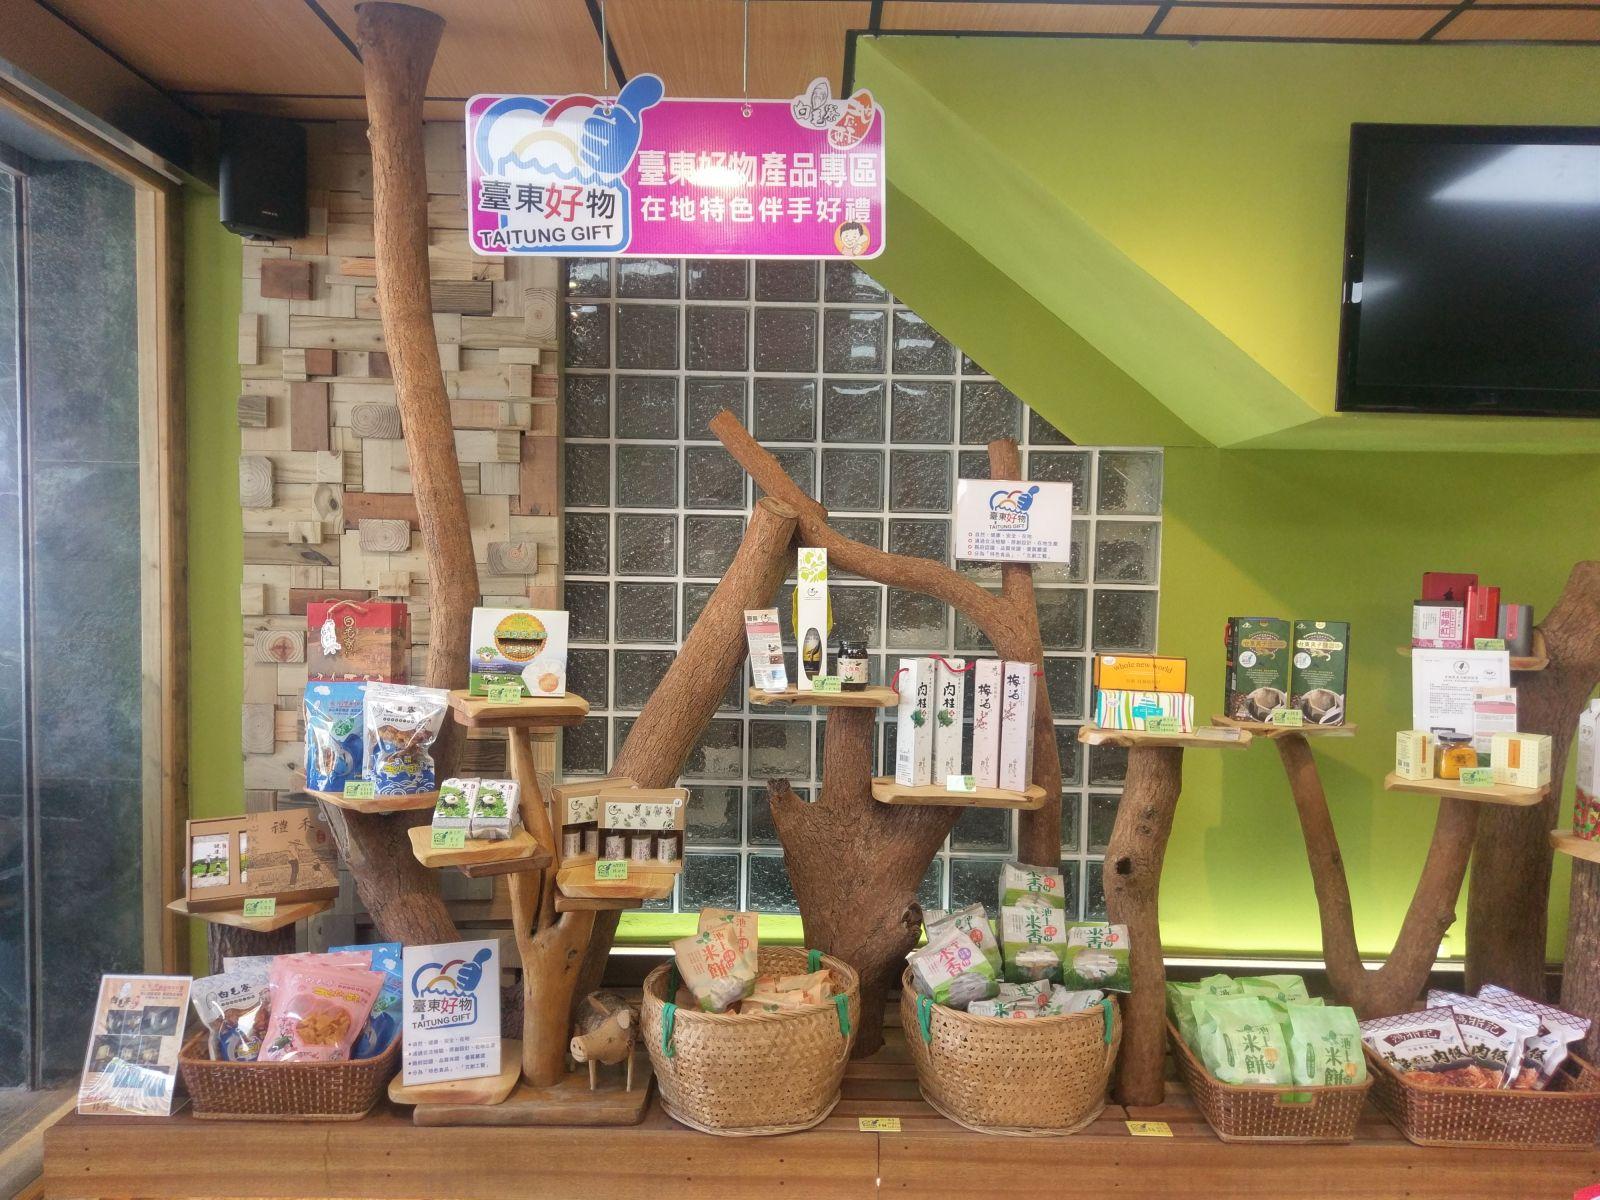 台東好物特色伴手禮產品專區展示